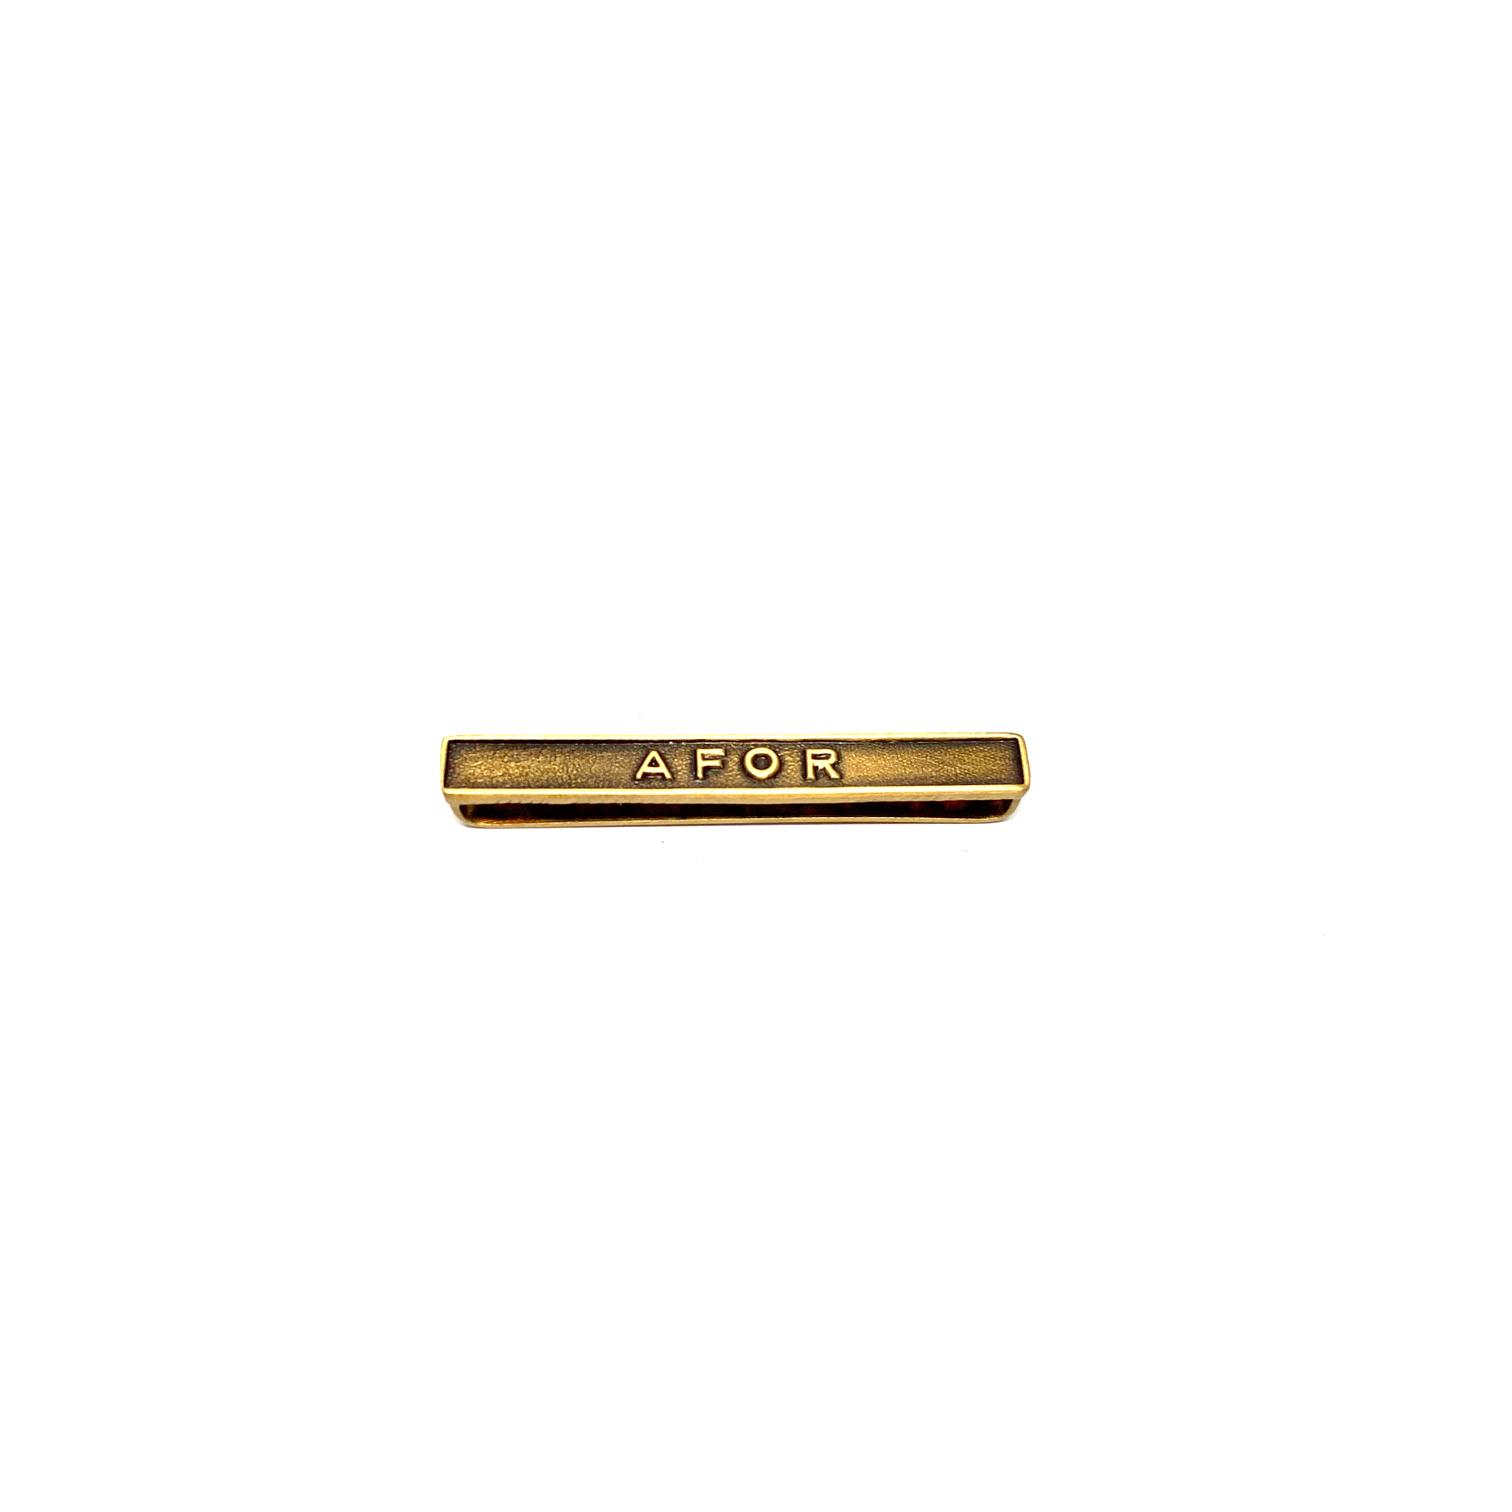 Barrette Afor pour décorations militaires